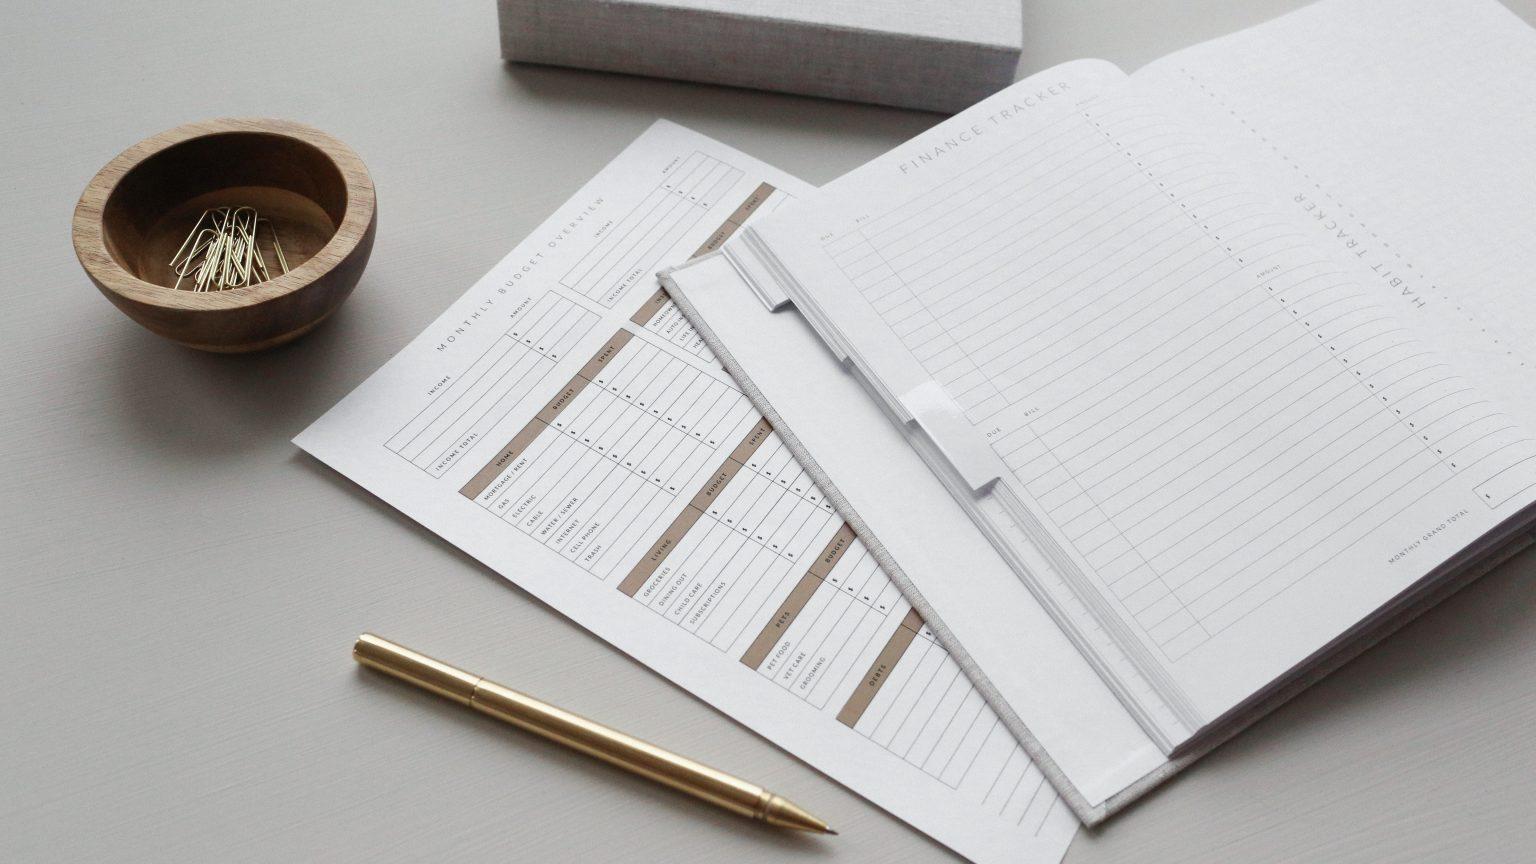 Responder a pedidos de informação e orçamentos